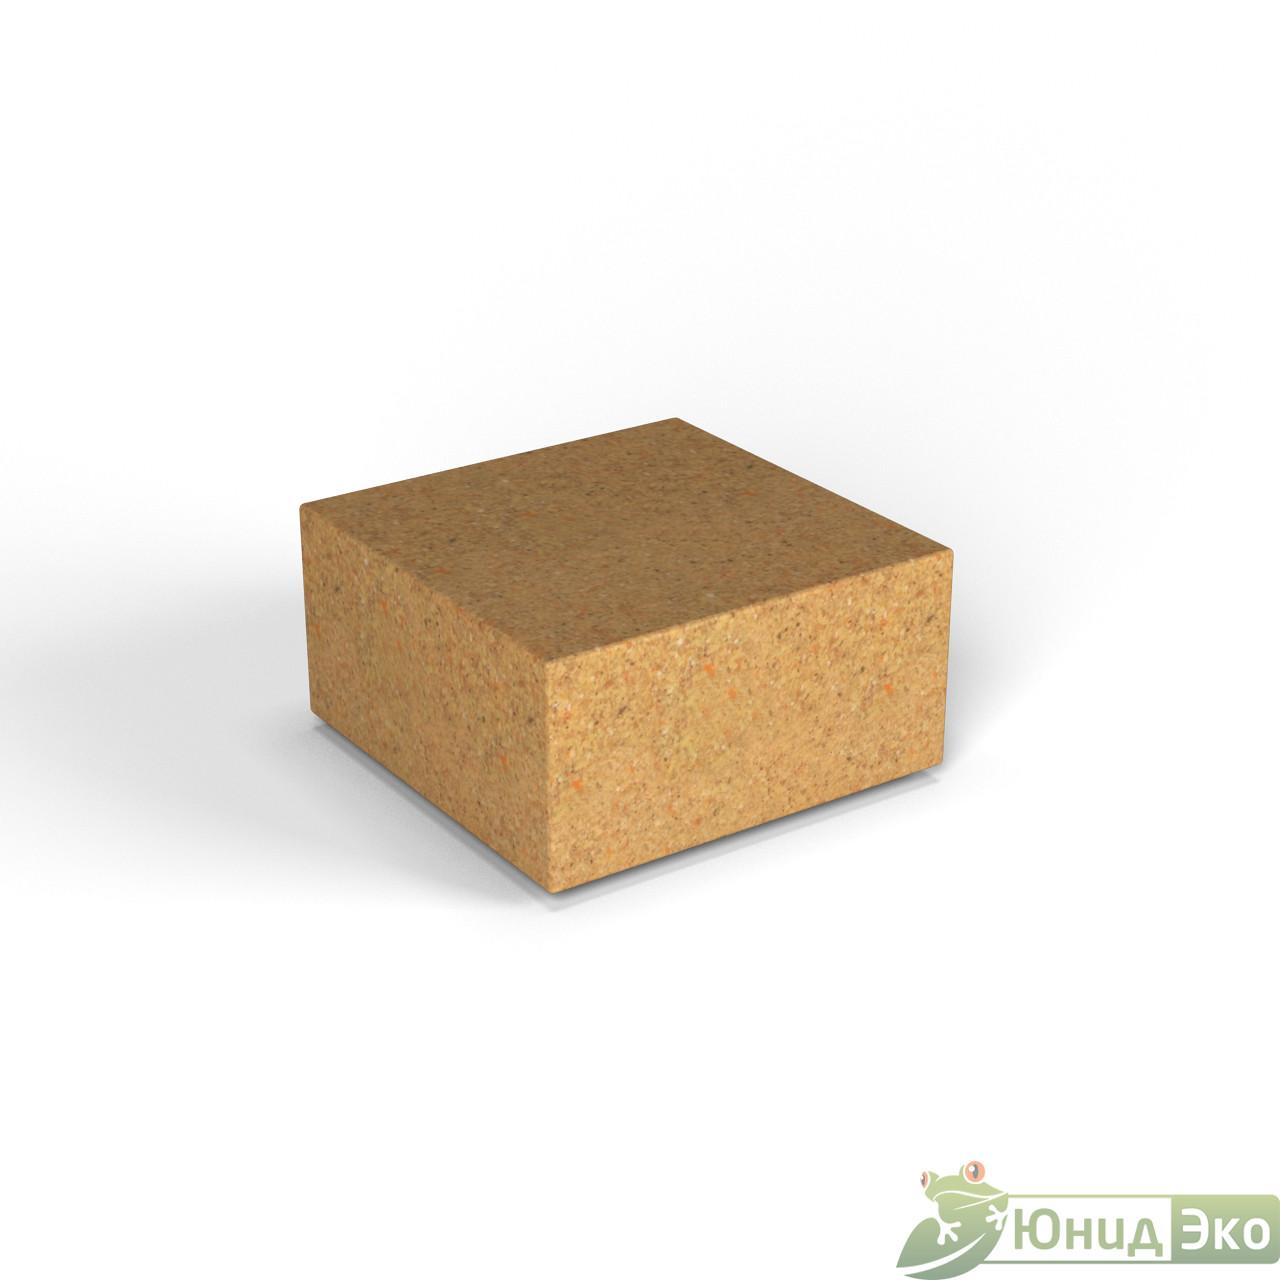 Декоративная фигура «Flox» Полукуб песочный гранит